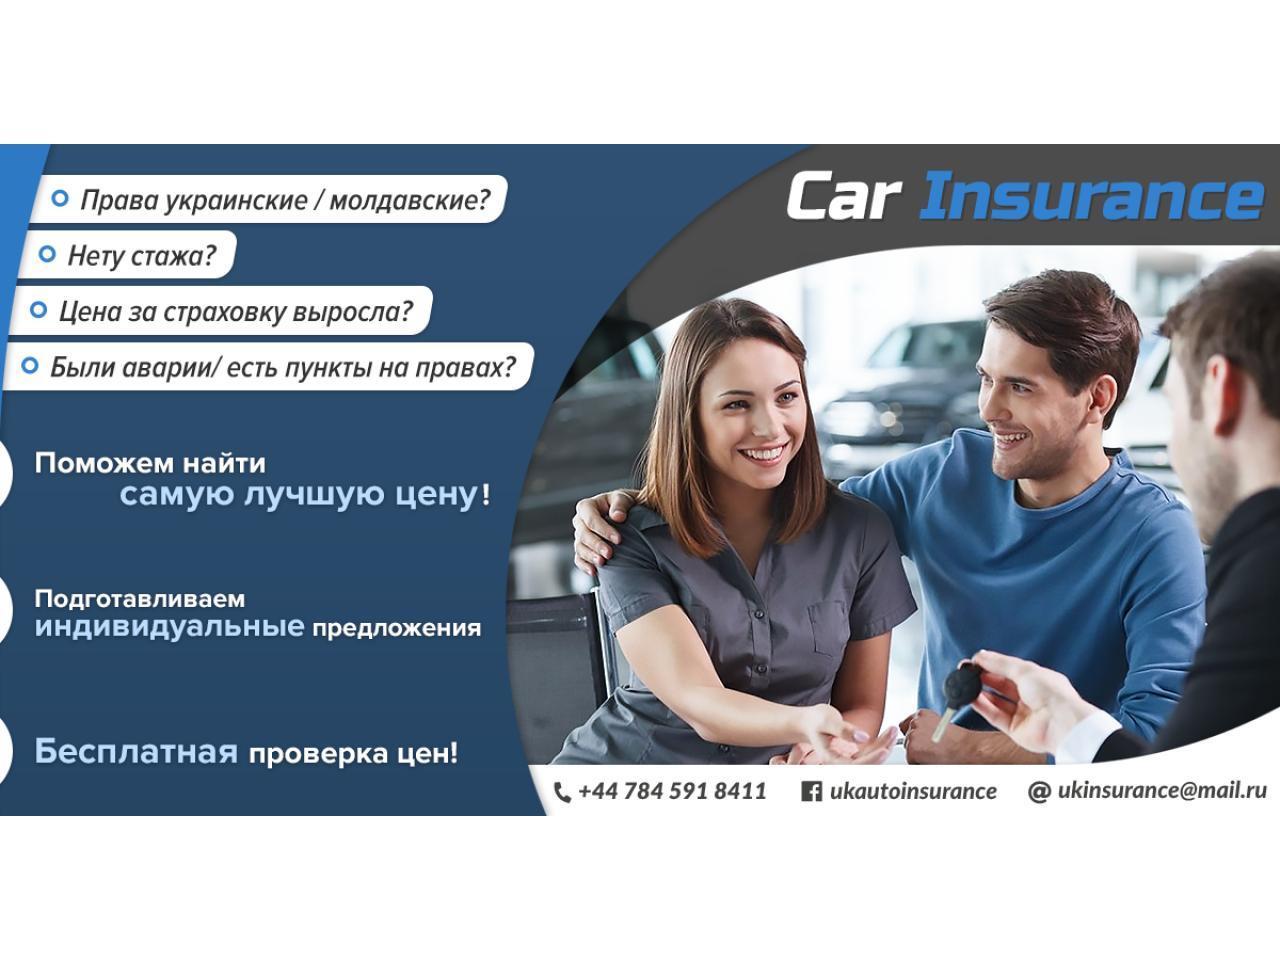 Предлагаем услуги страхования автомобиля, вана и мотоцикла по низким ценам. Мы сравниваем цены со м - 1